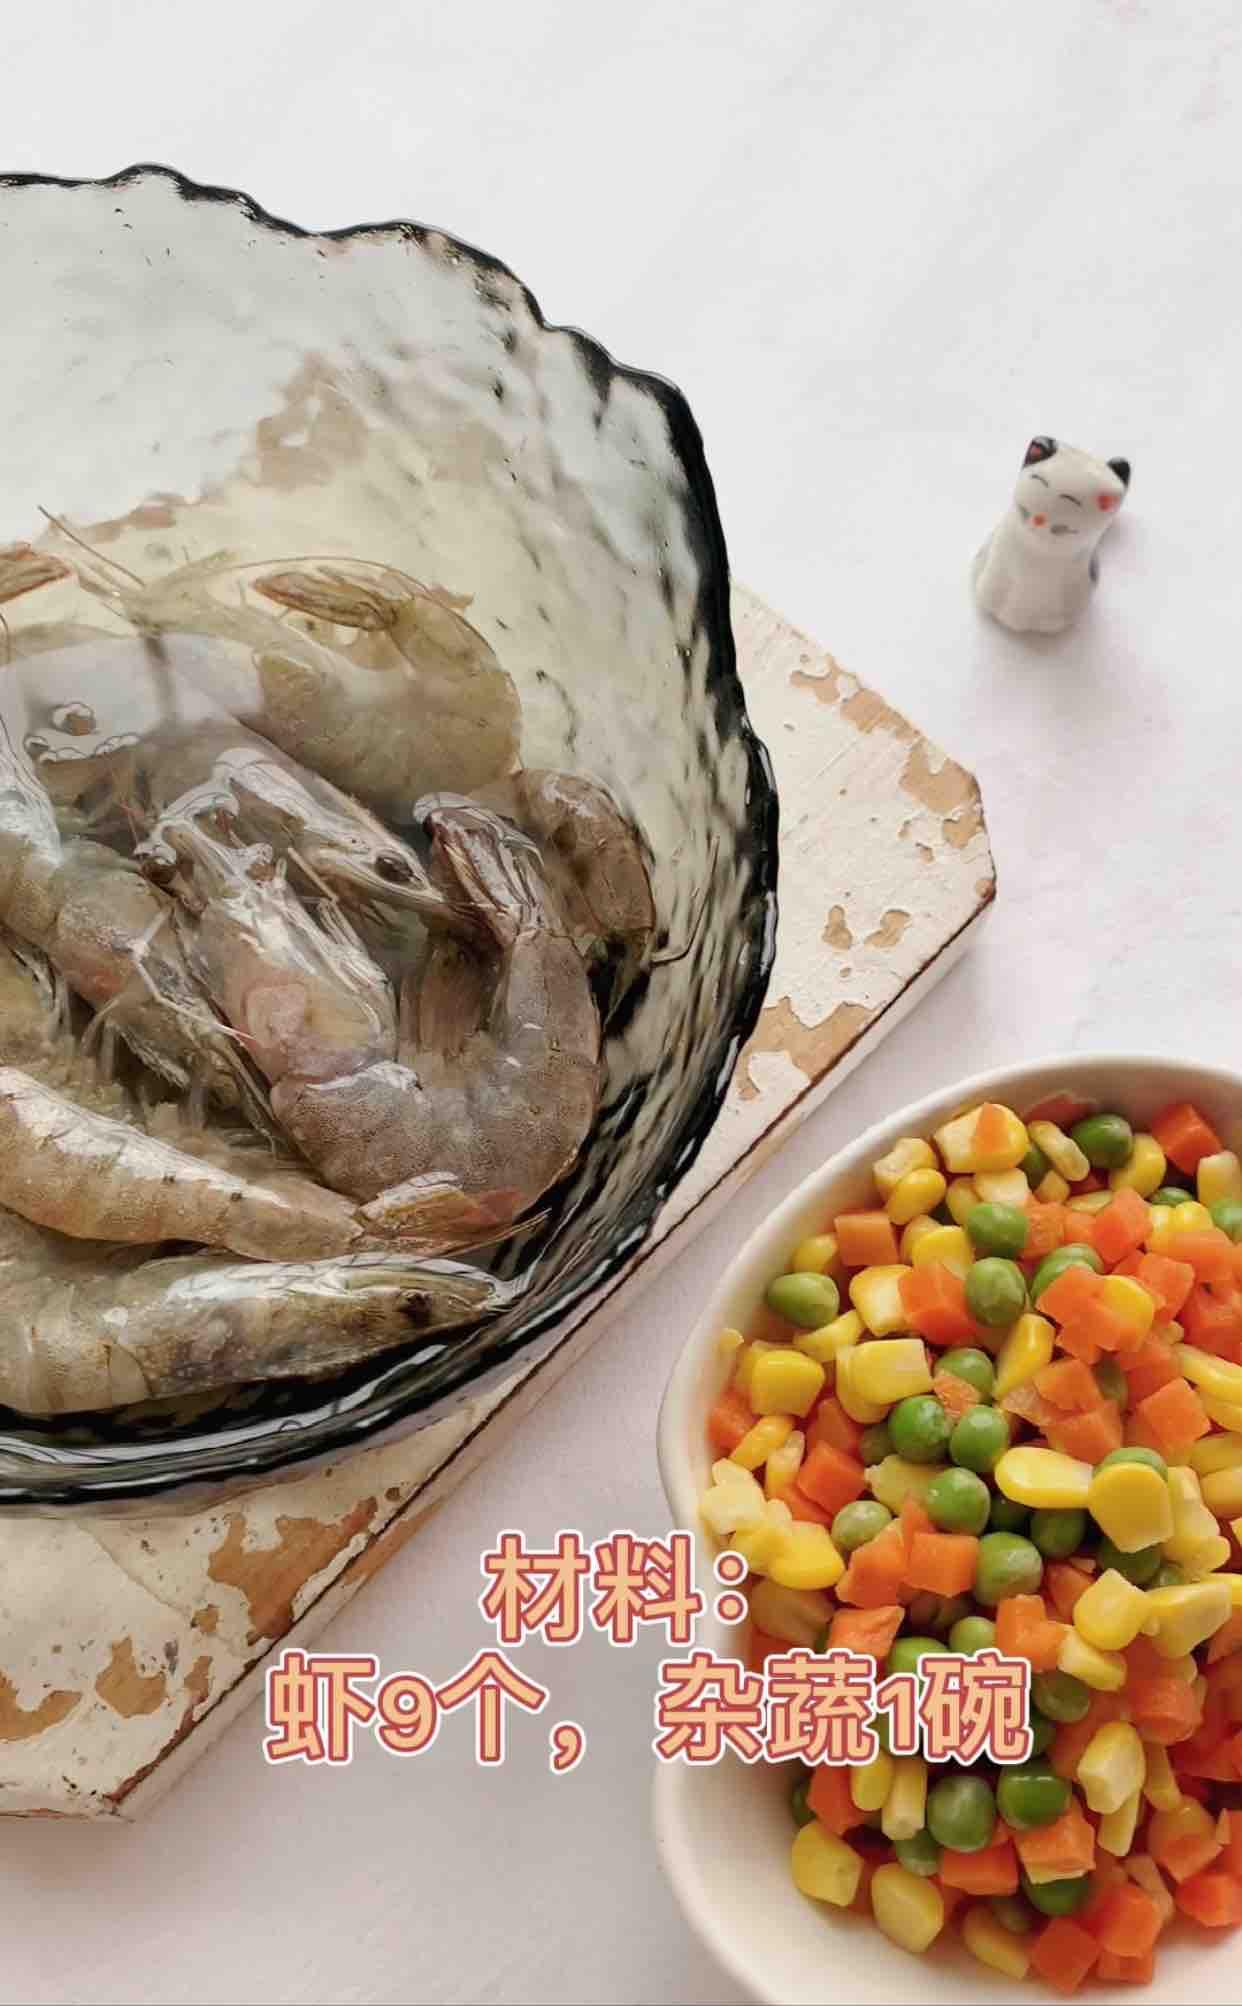 分分钟光盘❗️虾仁炒杂蔬的步骤